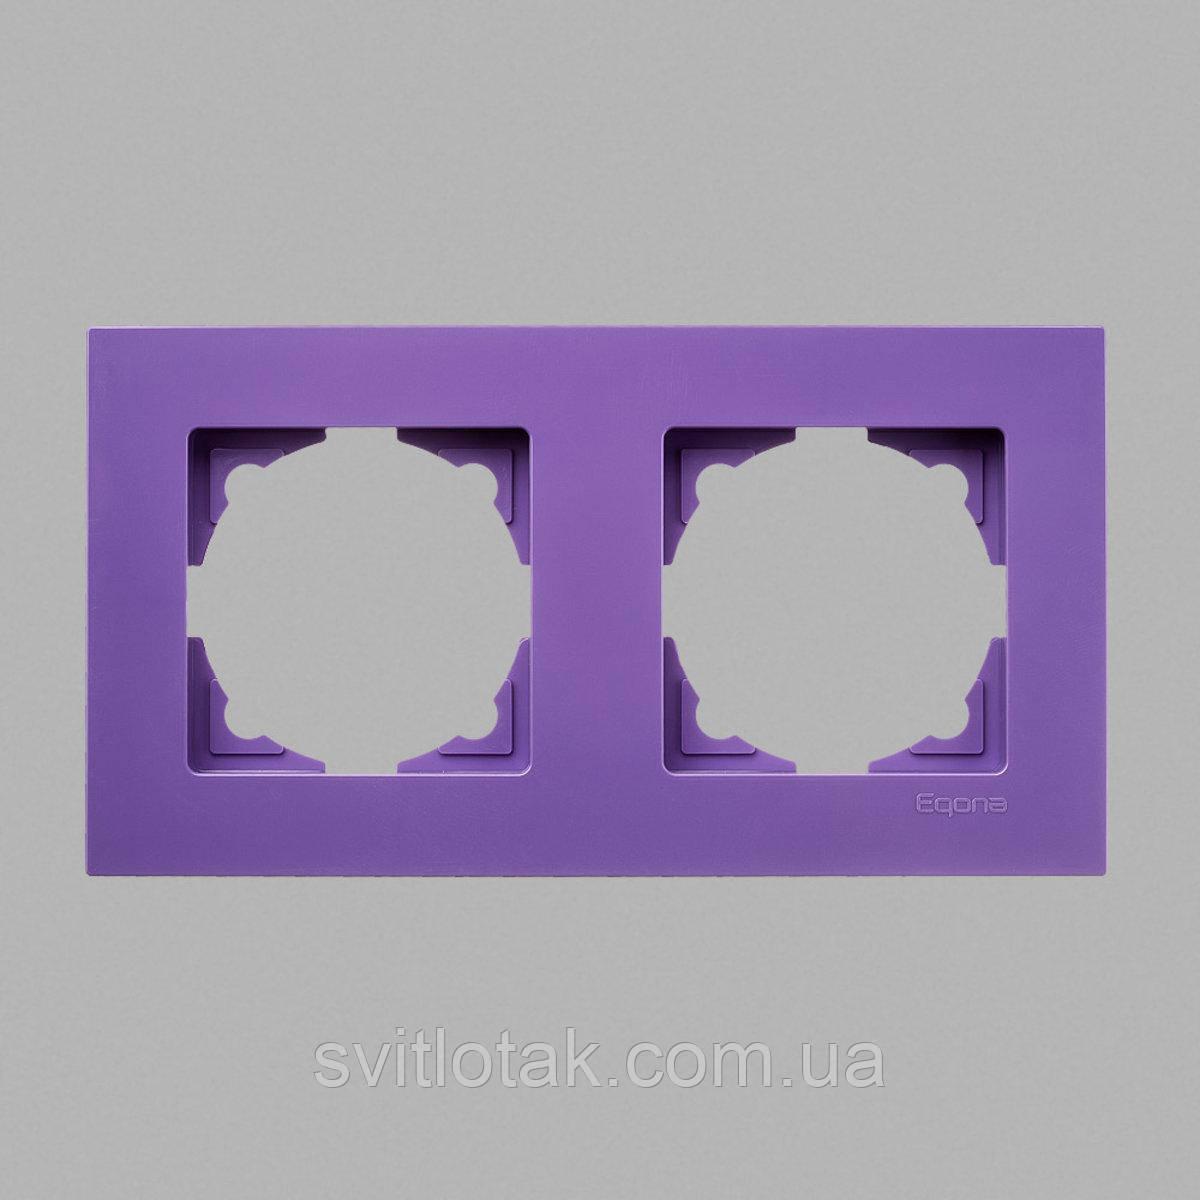 Eqona рамка 2-а лілова